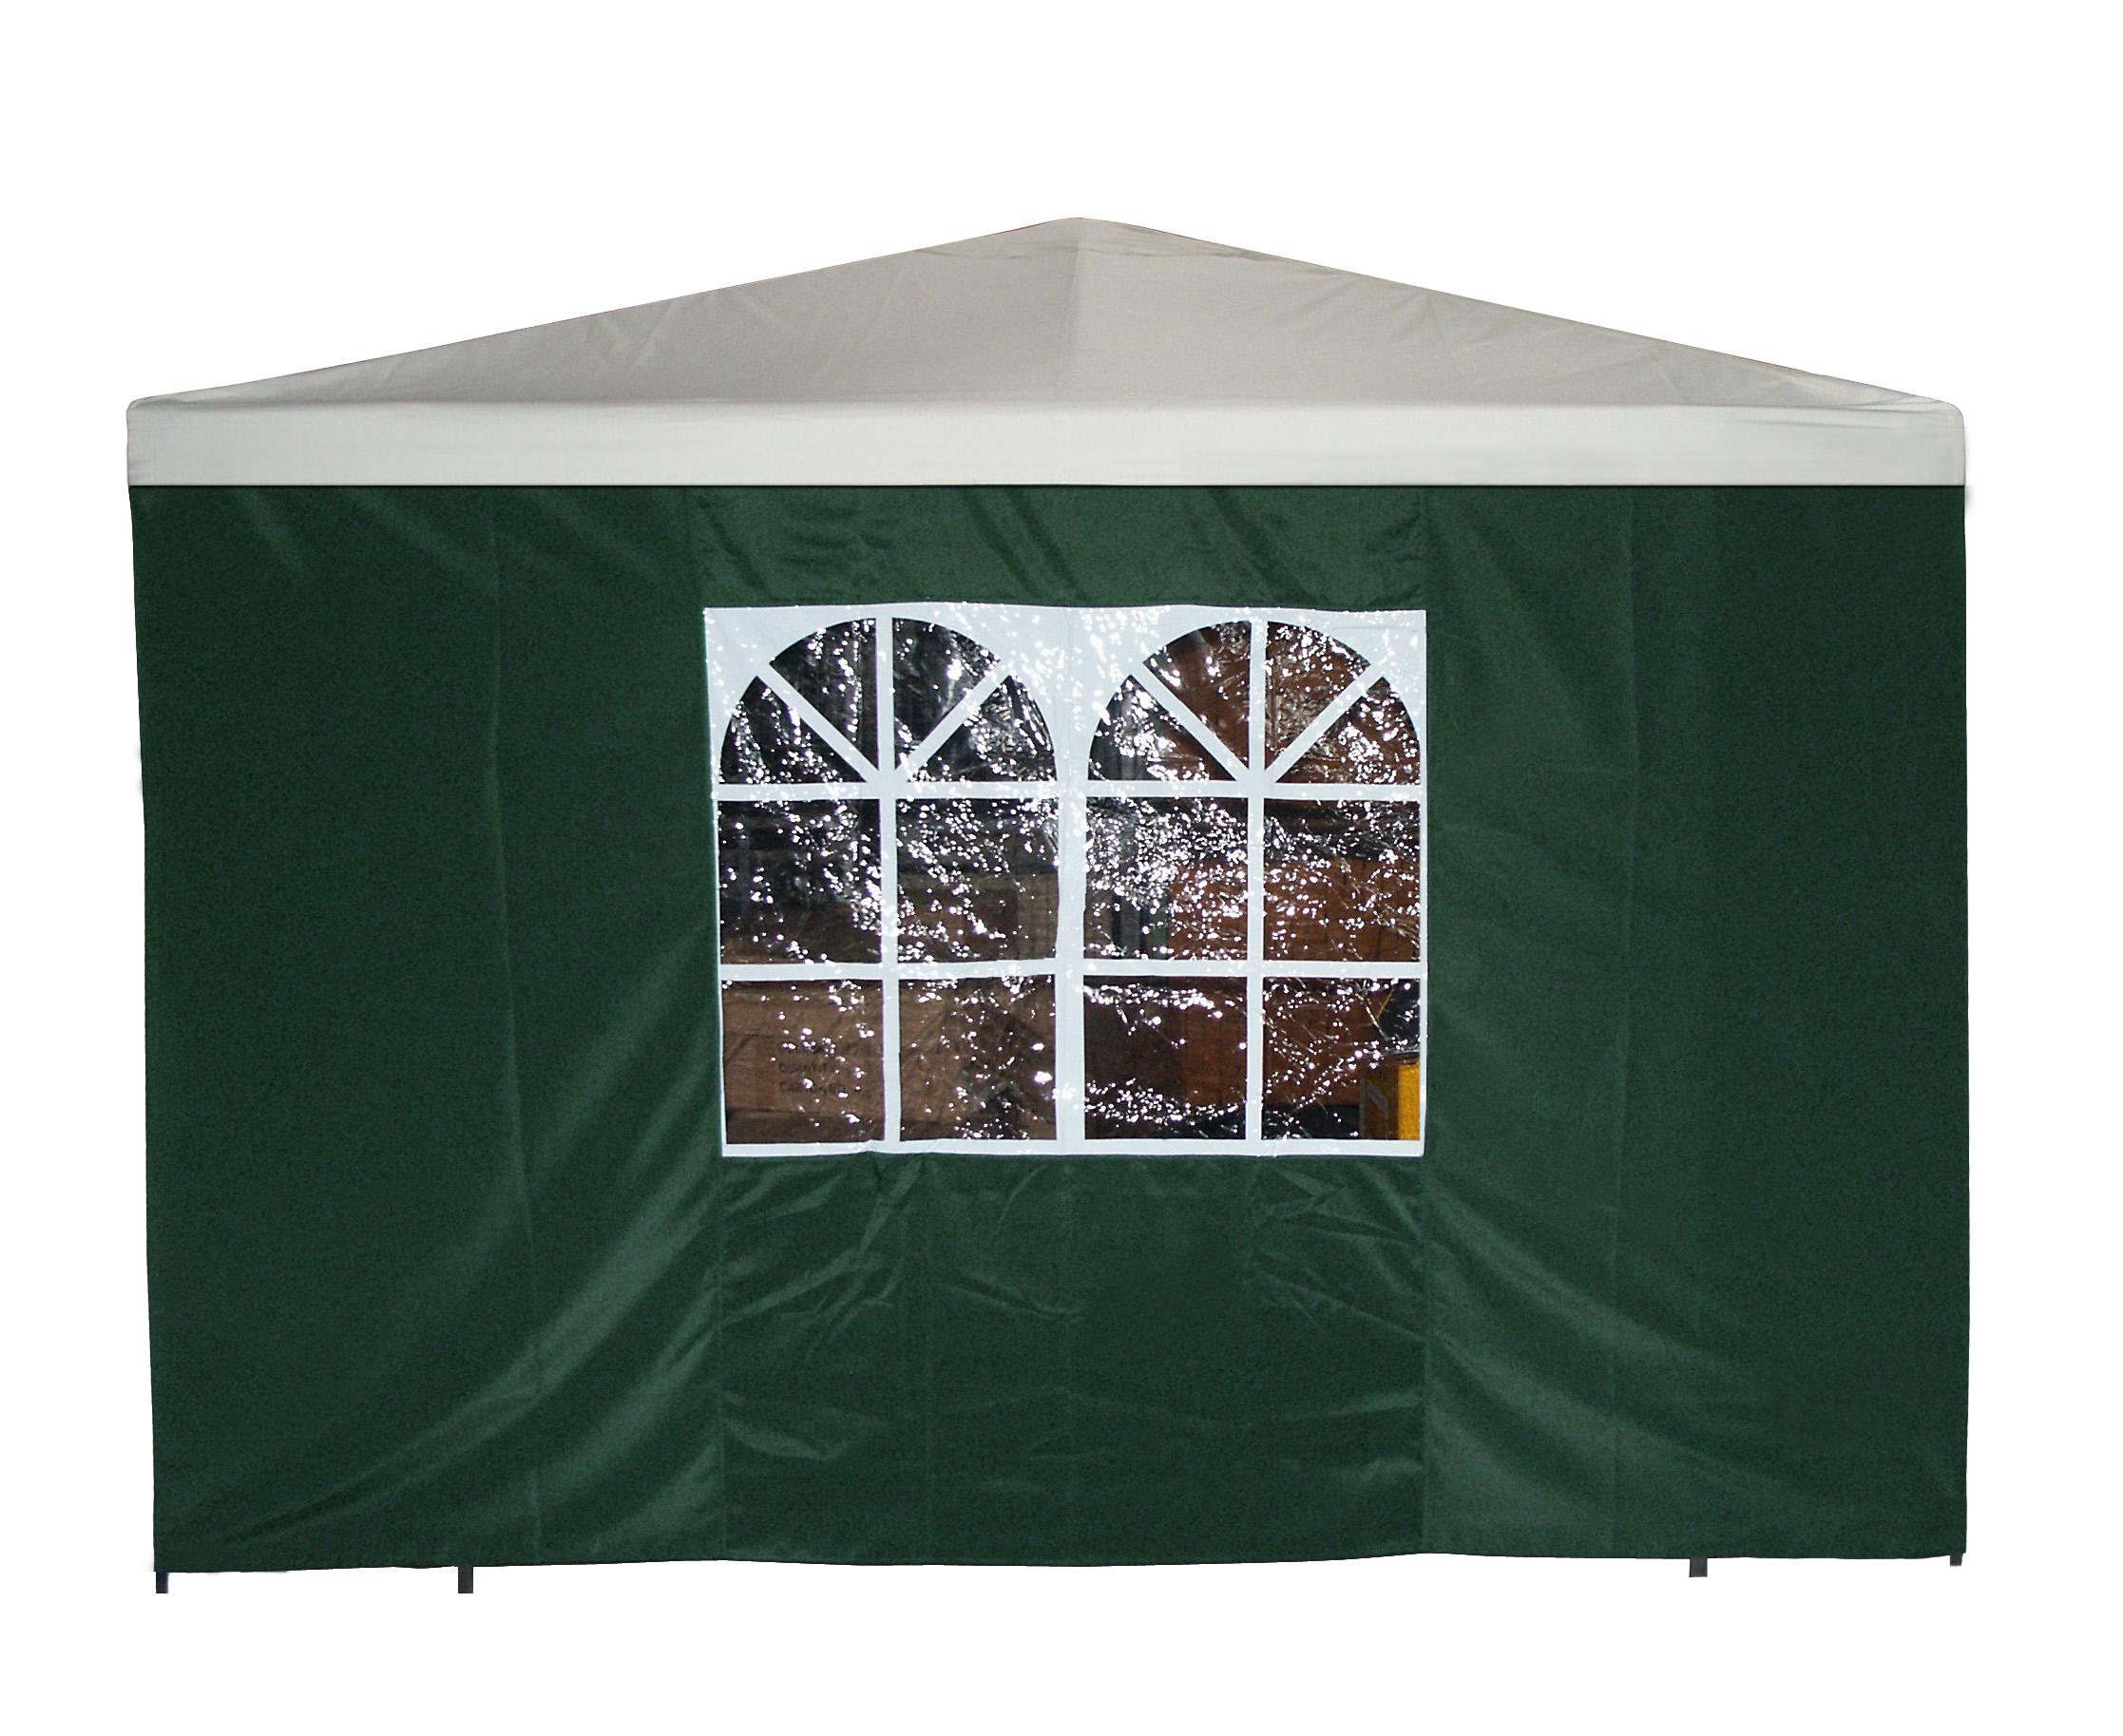 Seitenplane für Pavillon, 3x1,9 Meter, Polyester grün mit Fenster